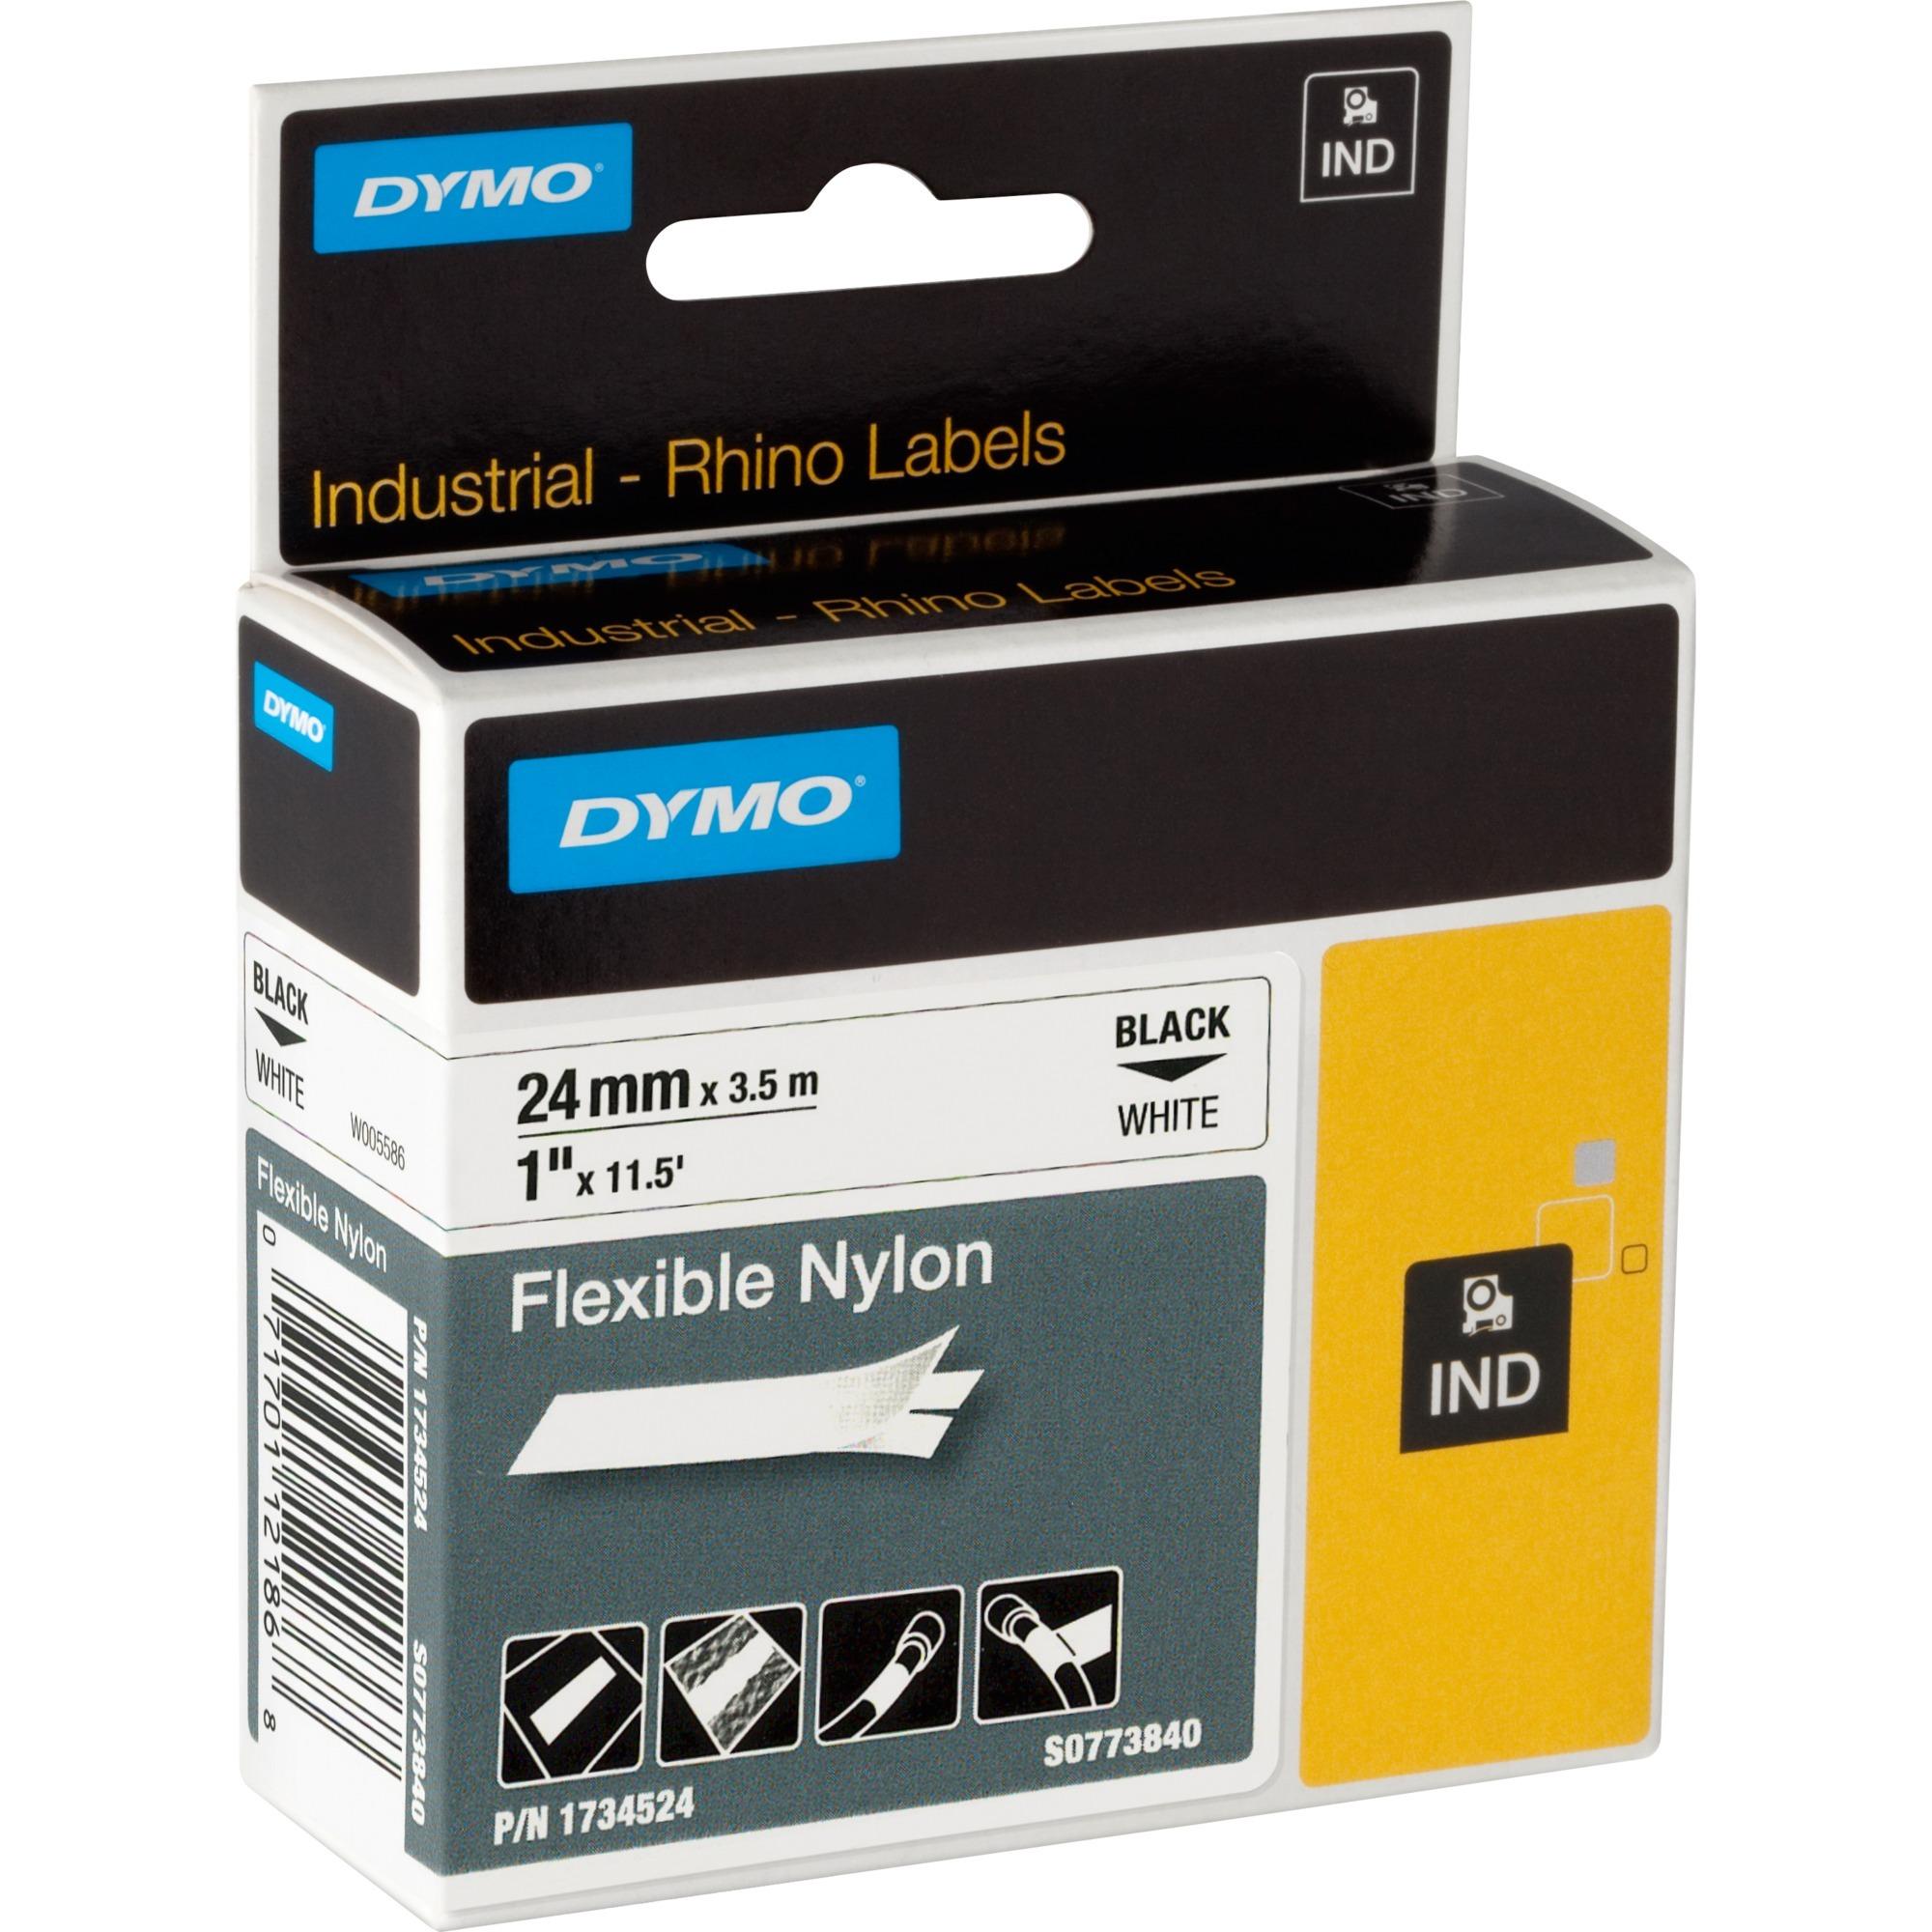 24mm Flexible Nylon Tape D1 cinta para impresora de etiquetas, Cinta de escritura